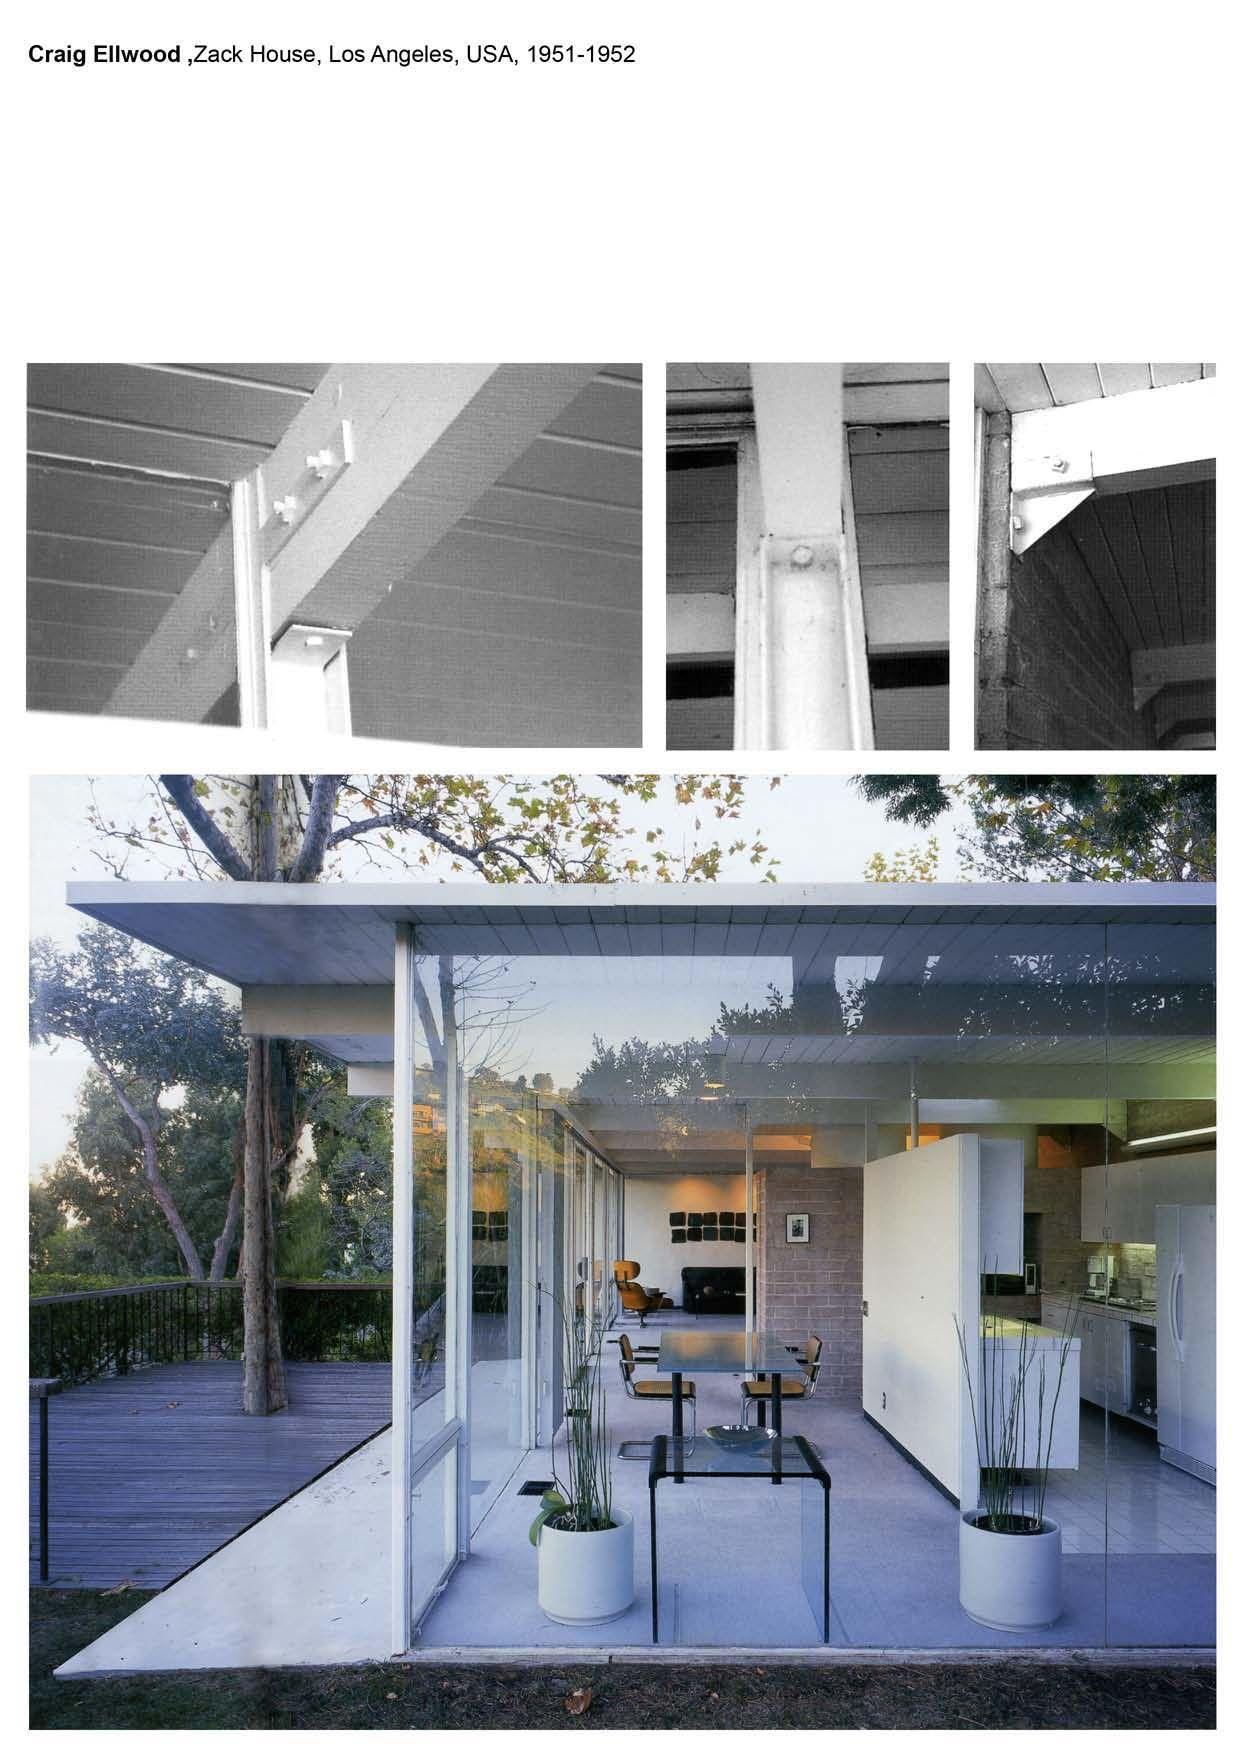 zack house brentwood 1953 craig ellwood architect mid century